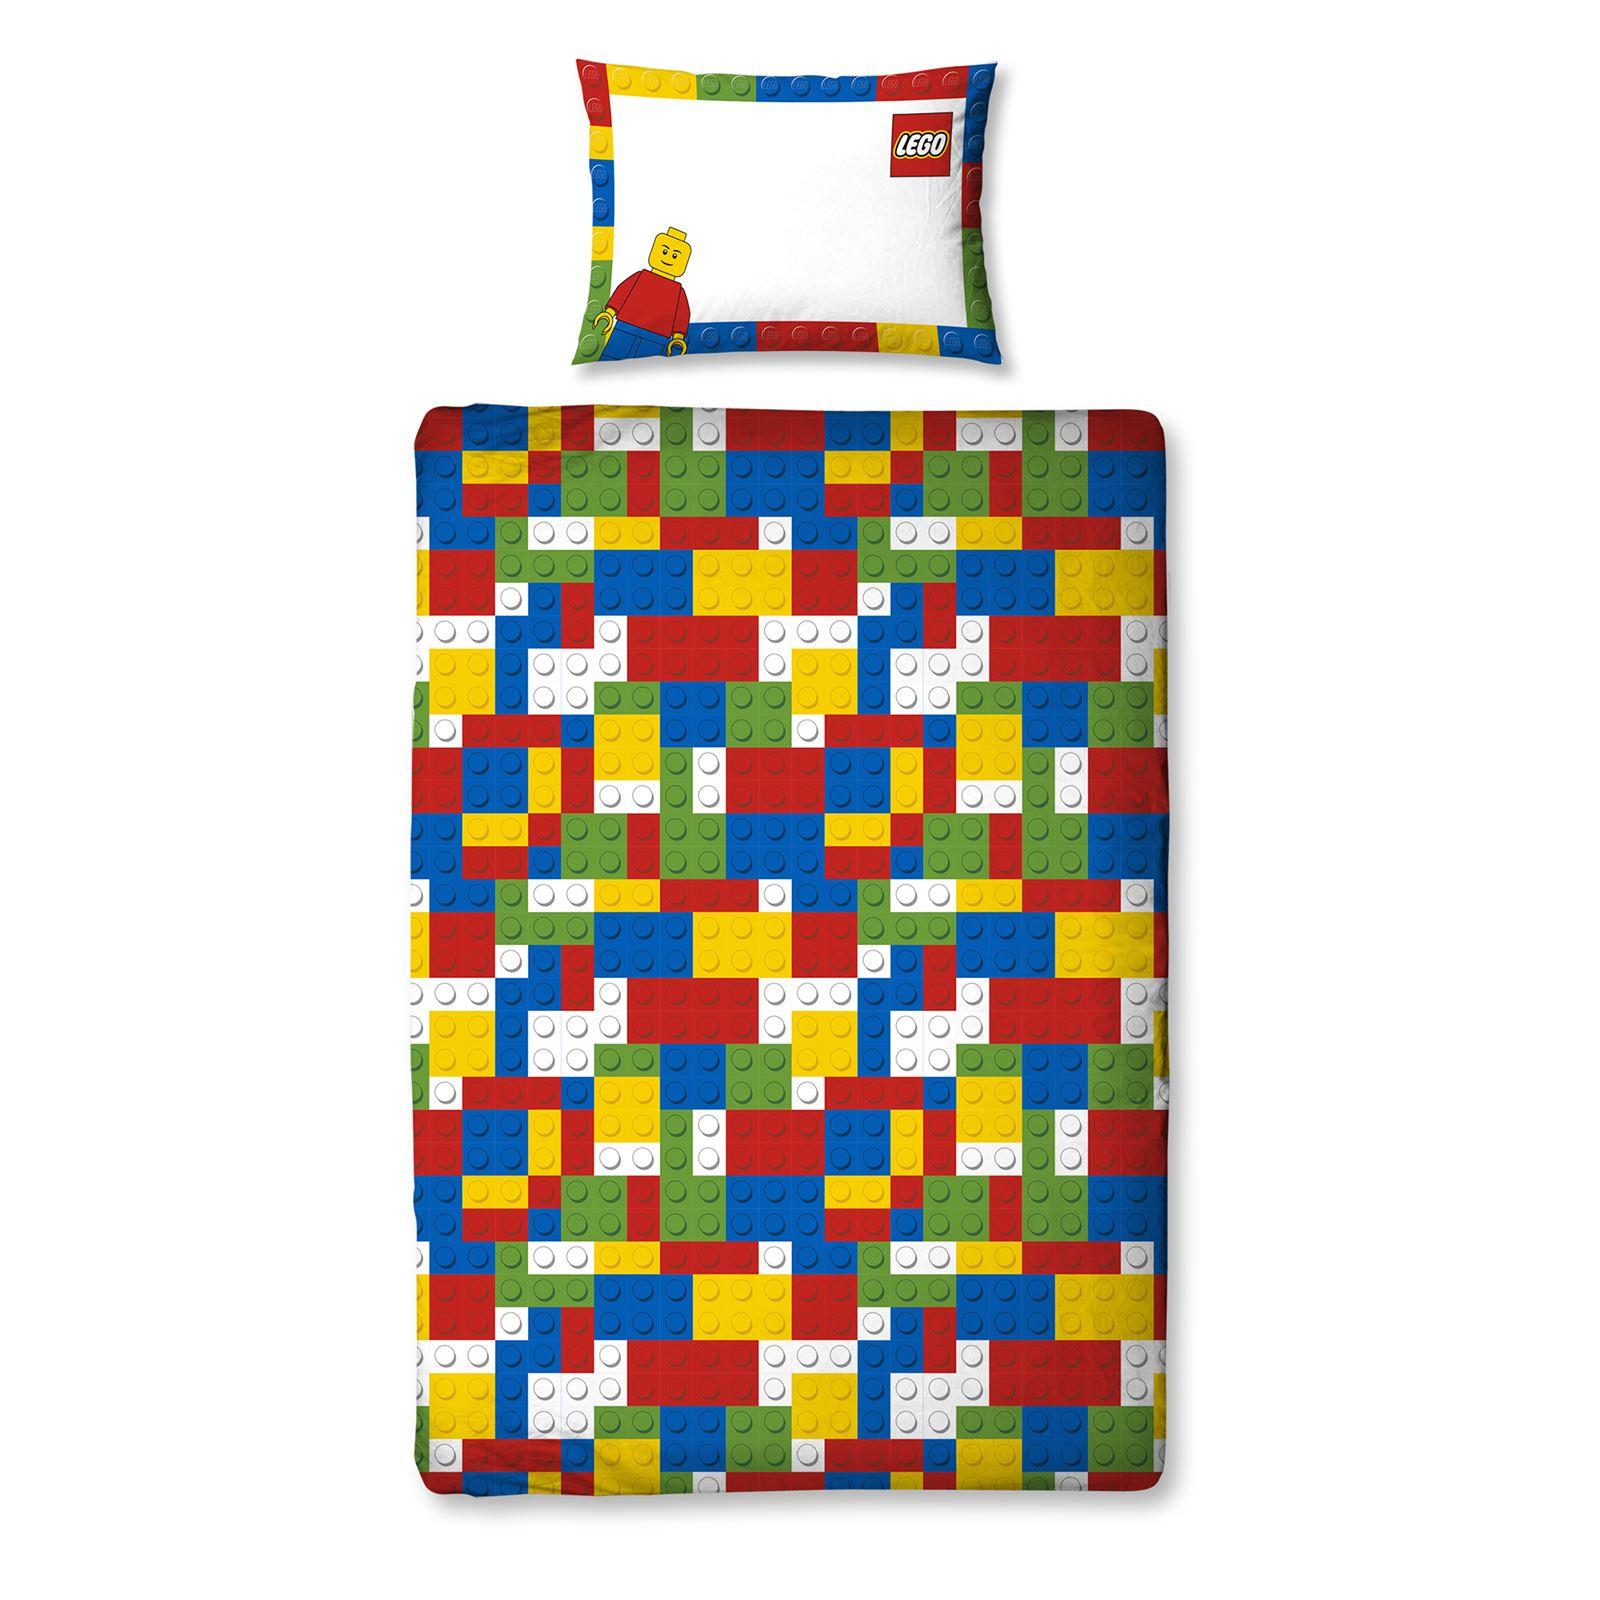 Lego Bedroom Accessories Uk